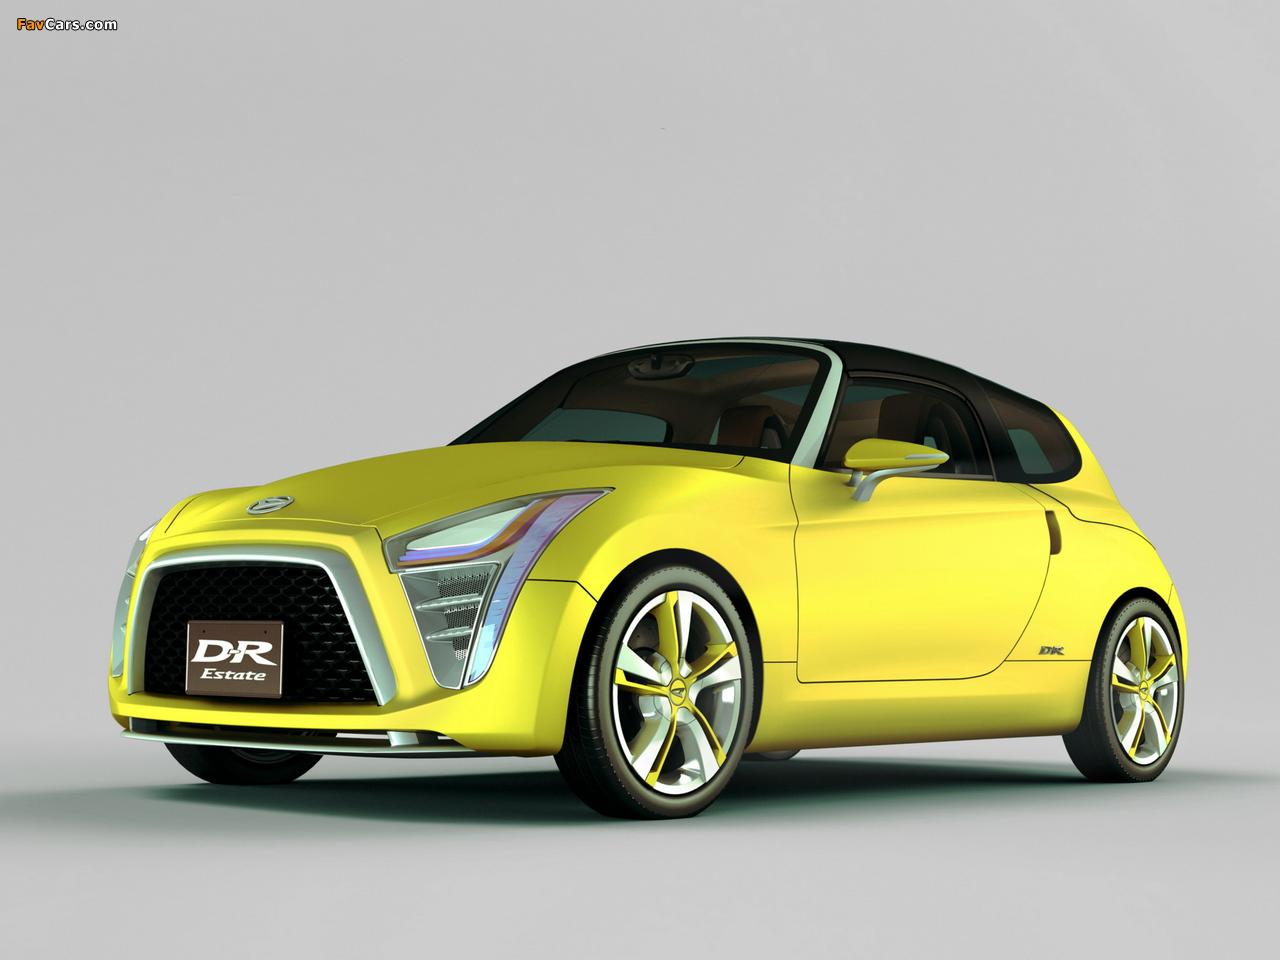 Daihatsu D-R Estate Concept 2013 photos (1280 x 960)